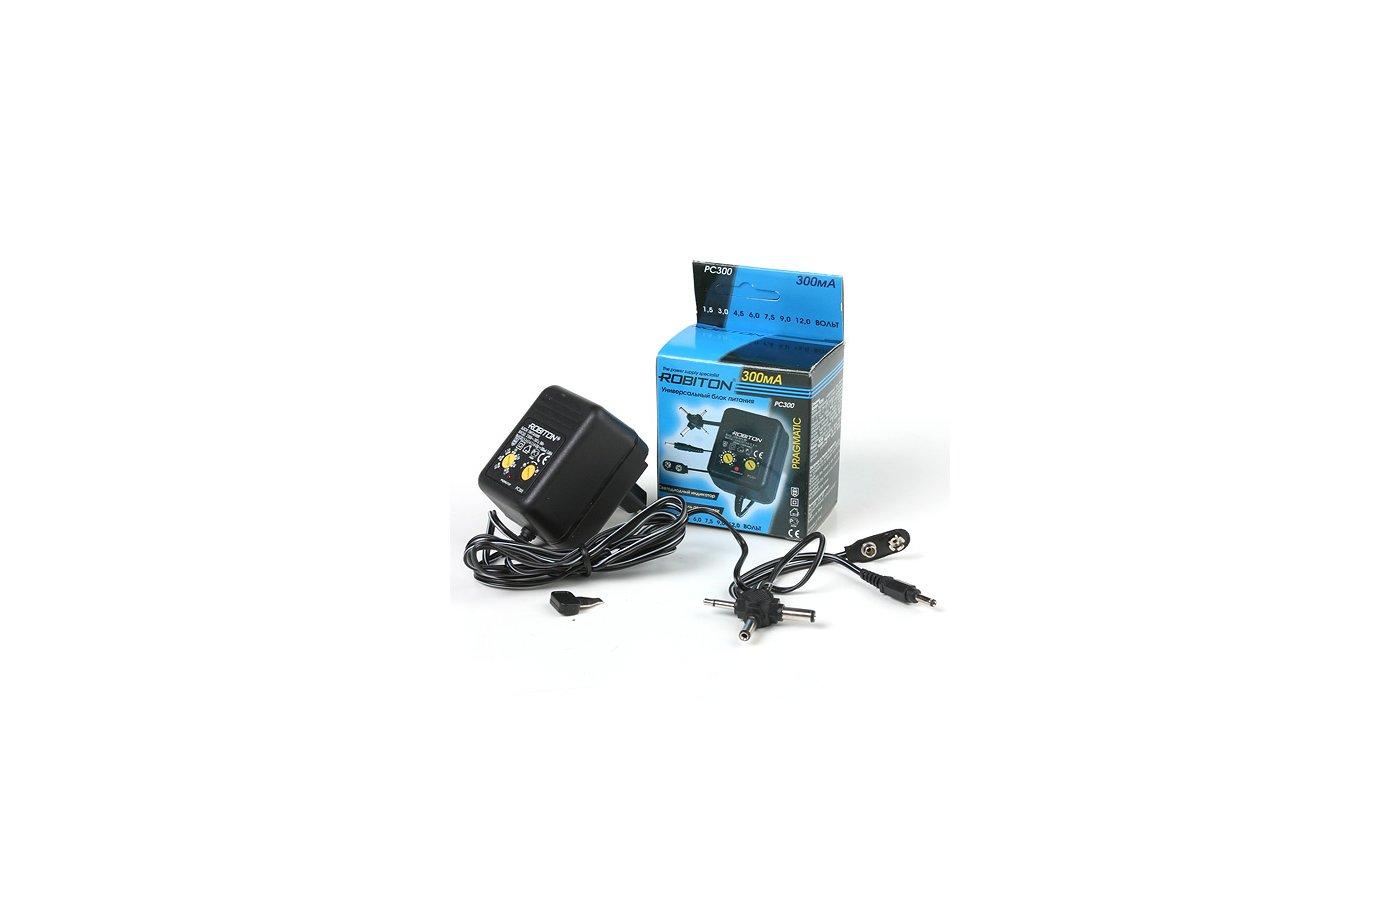 Сетевой адаптер для ноутбука ROBITON PC1000 (1.5-12В 1000 мА)